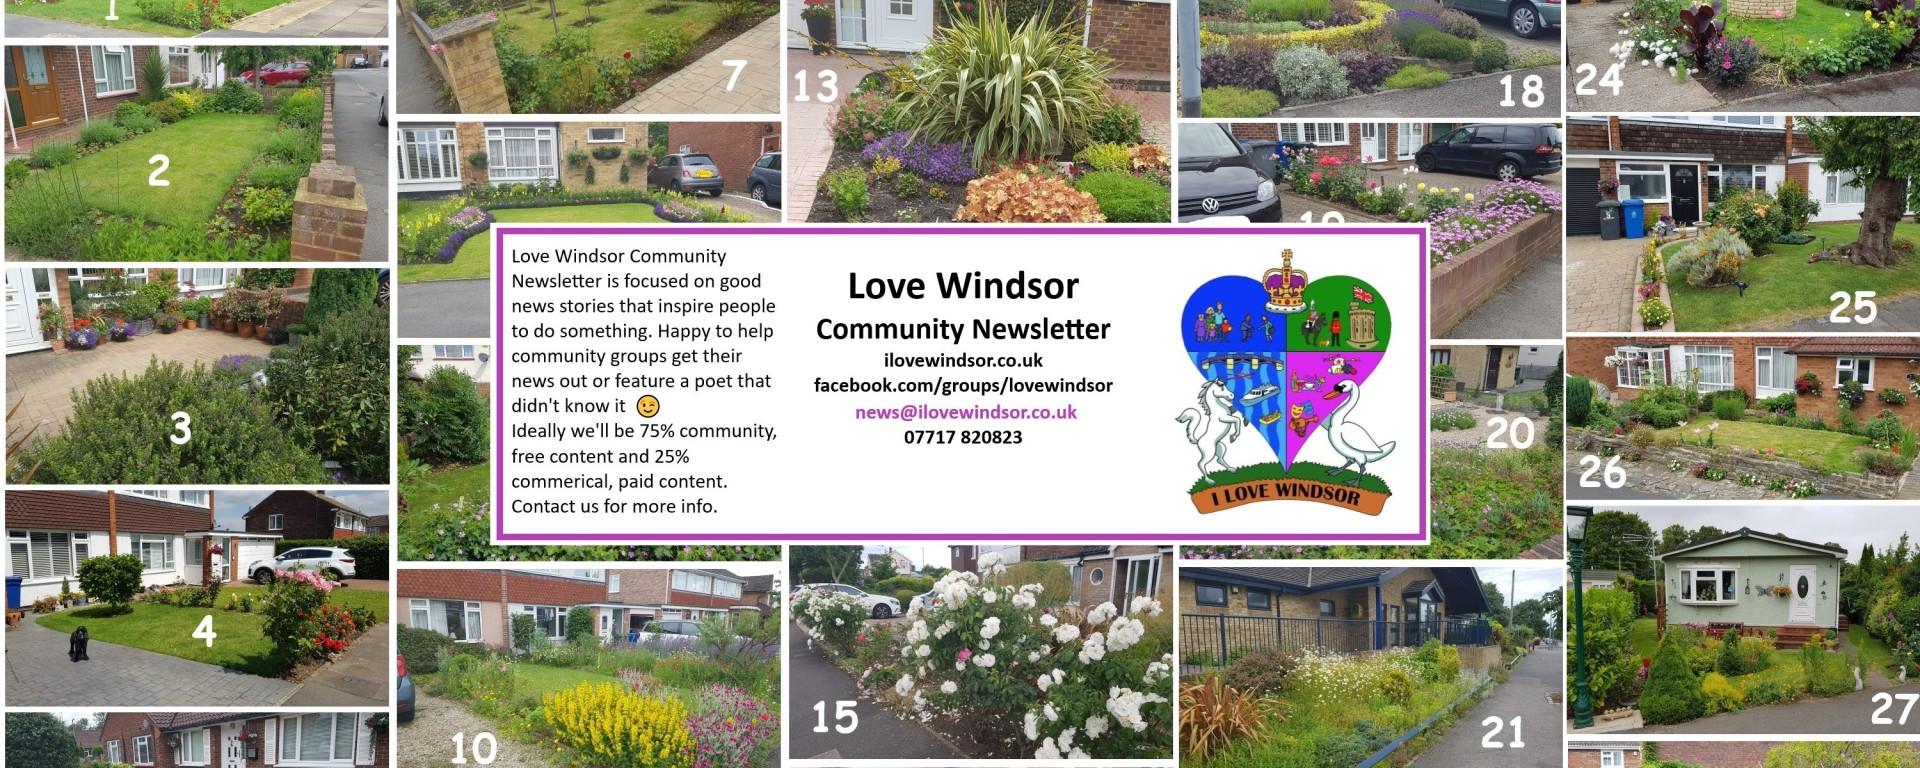 Love Windsor Community Newsletter